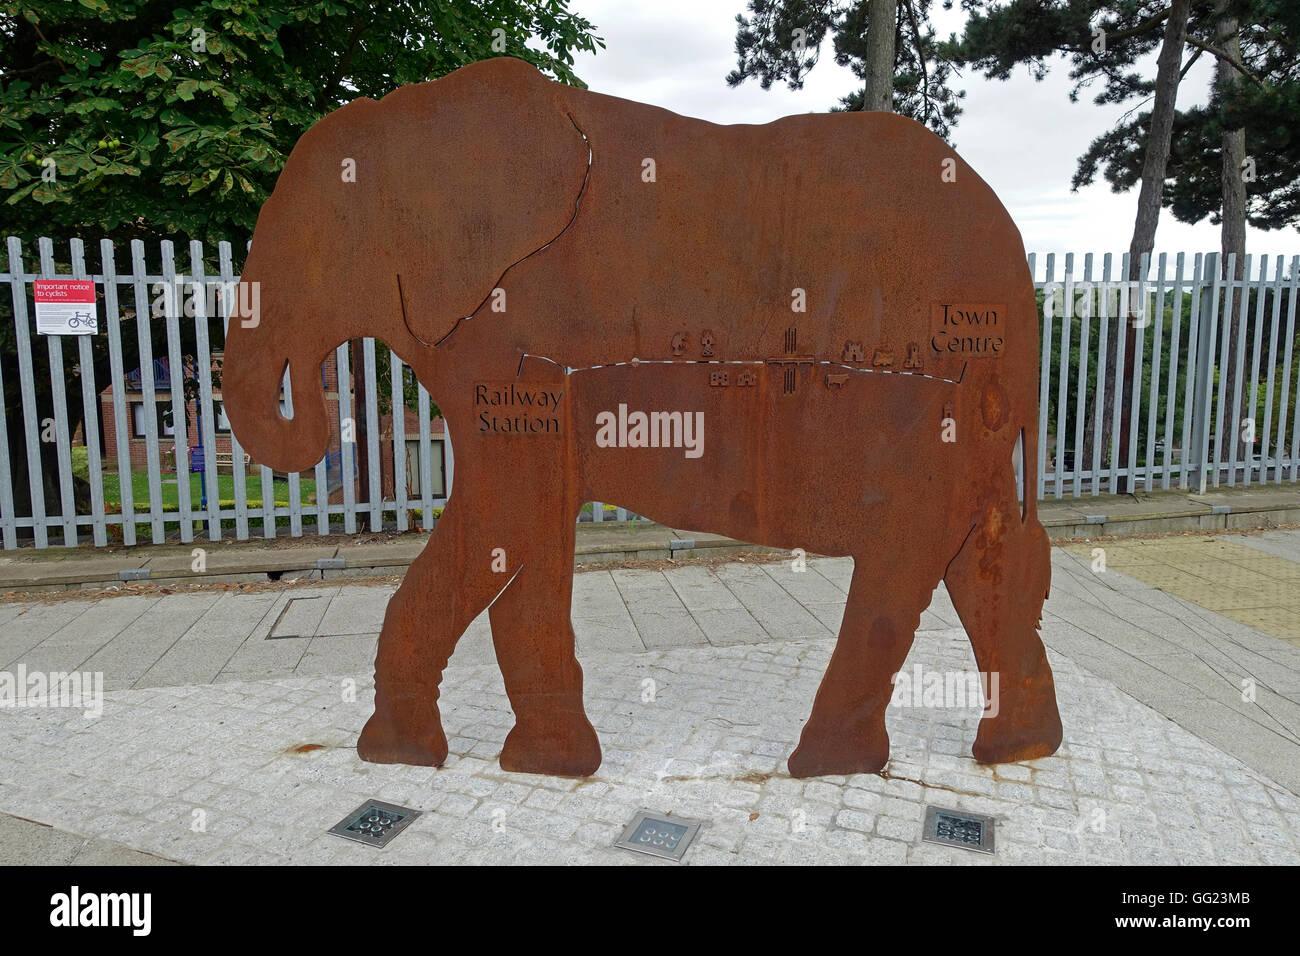 Una escultura de elefante de acero es un signo dirigiendo los peatones al centro de la ciudad desde la estación Imagen De Stock